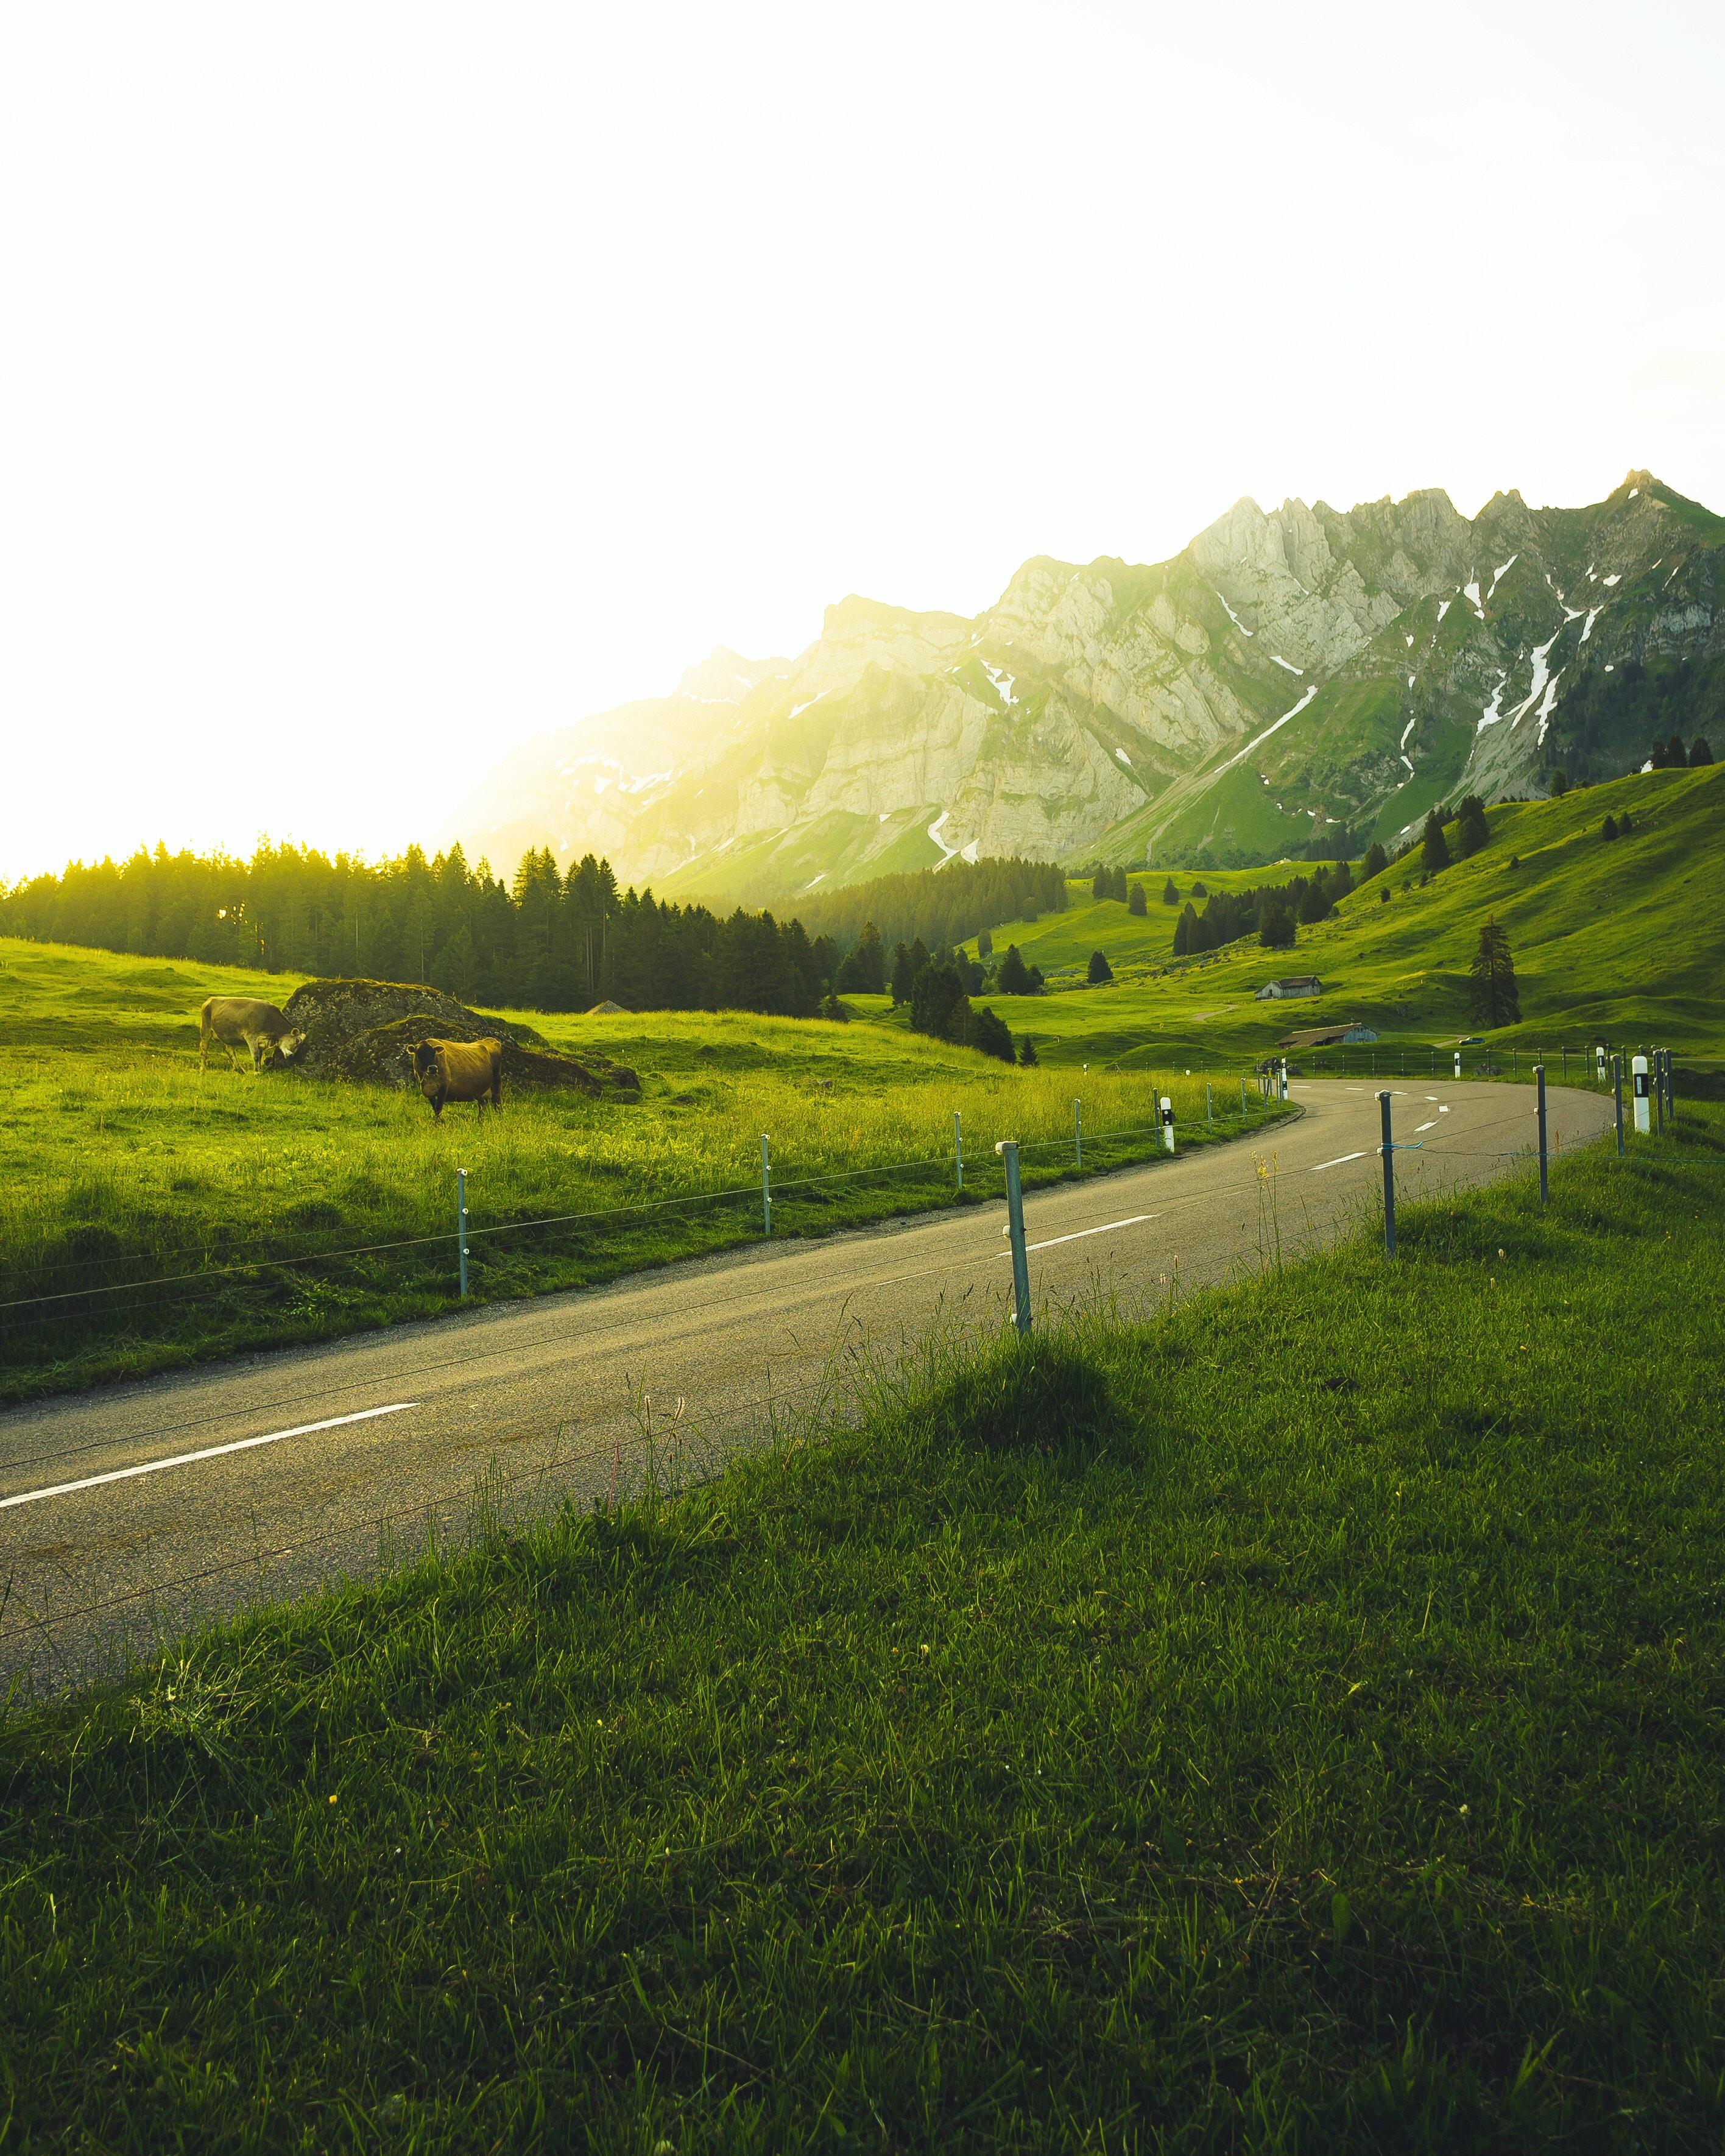 103127 скачать обои Швейцария, Пейзаж, Природа, Деревья, Трава, Горы, Дорога, Солнечный Свет - заставки и картинки бесплатно